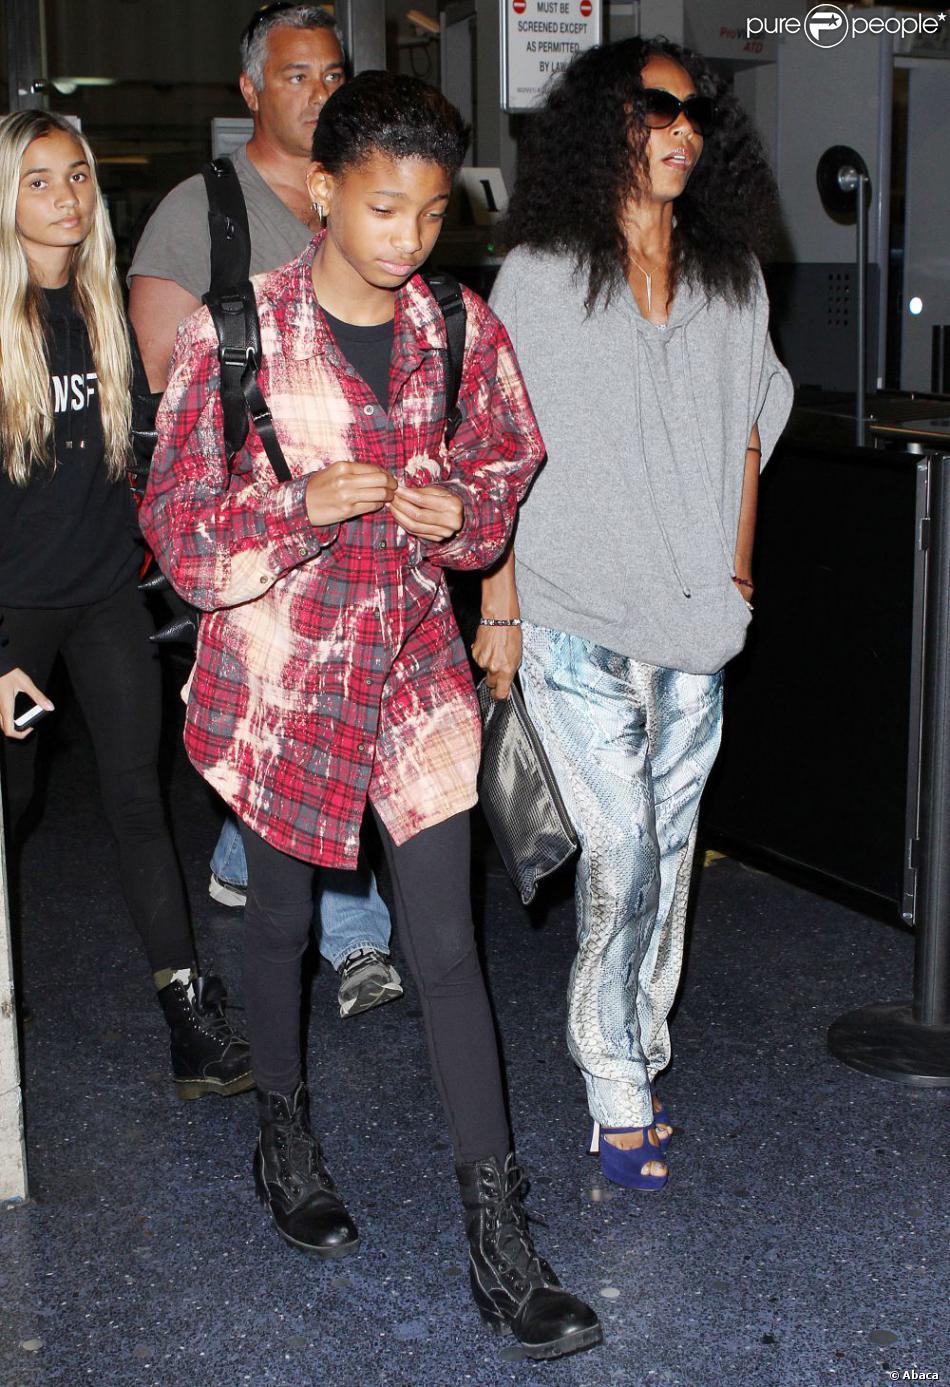 Jada Pinkett Smith, Willow et Jaden arrivent à l'aéroport de Los Angeles à Los Angeles, le 5 décembre 2012.